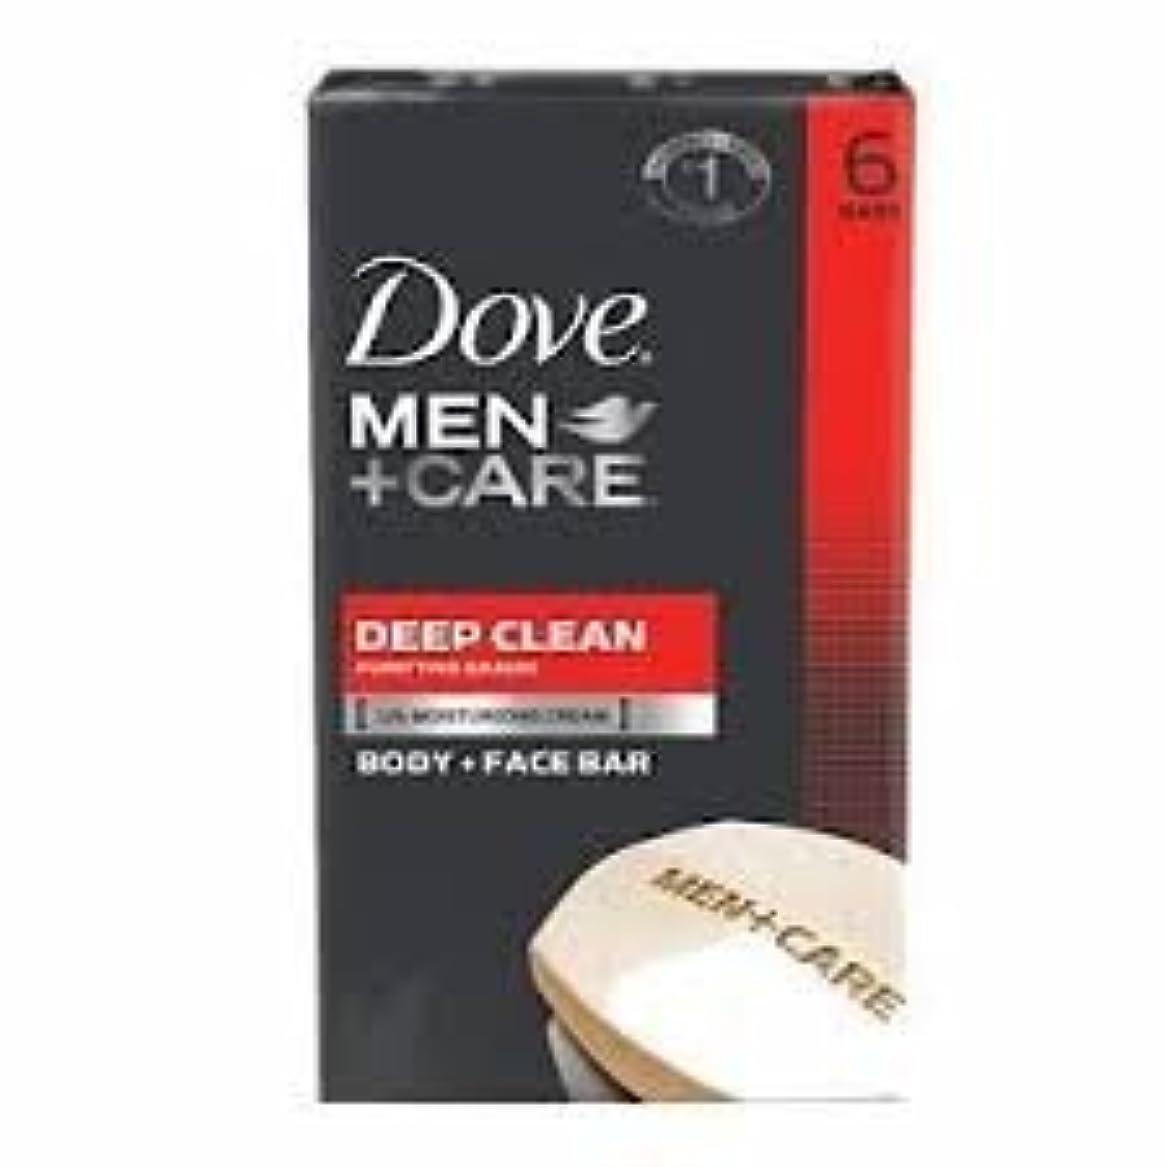 バラバラにするインフルエンザ正確にDove Men + Care Body and Face Bar, Deep Clean 4oz x 6Bars ダブ メン プラスケア ディープ クリーン ソープ 4oz x 6個